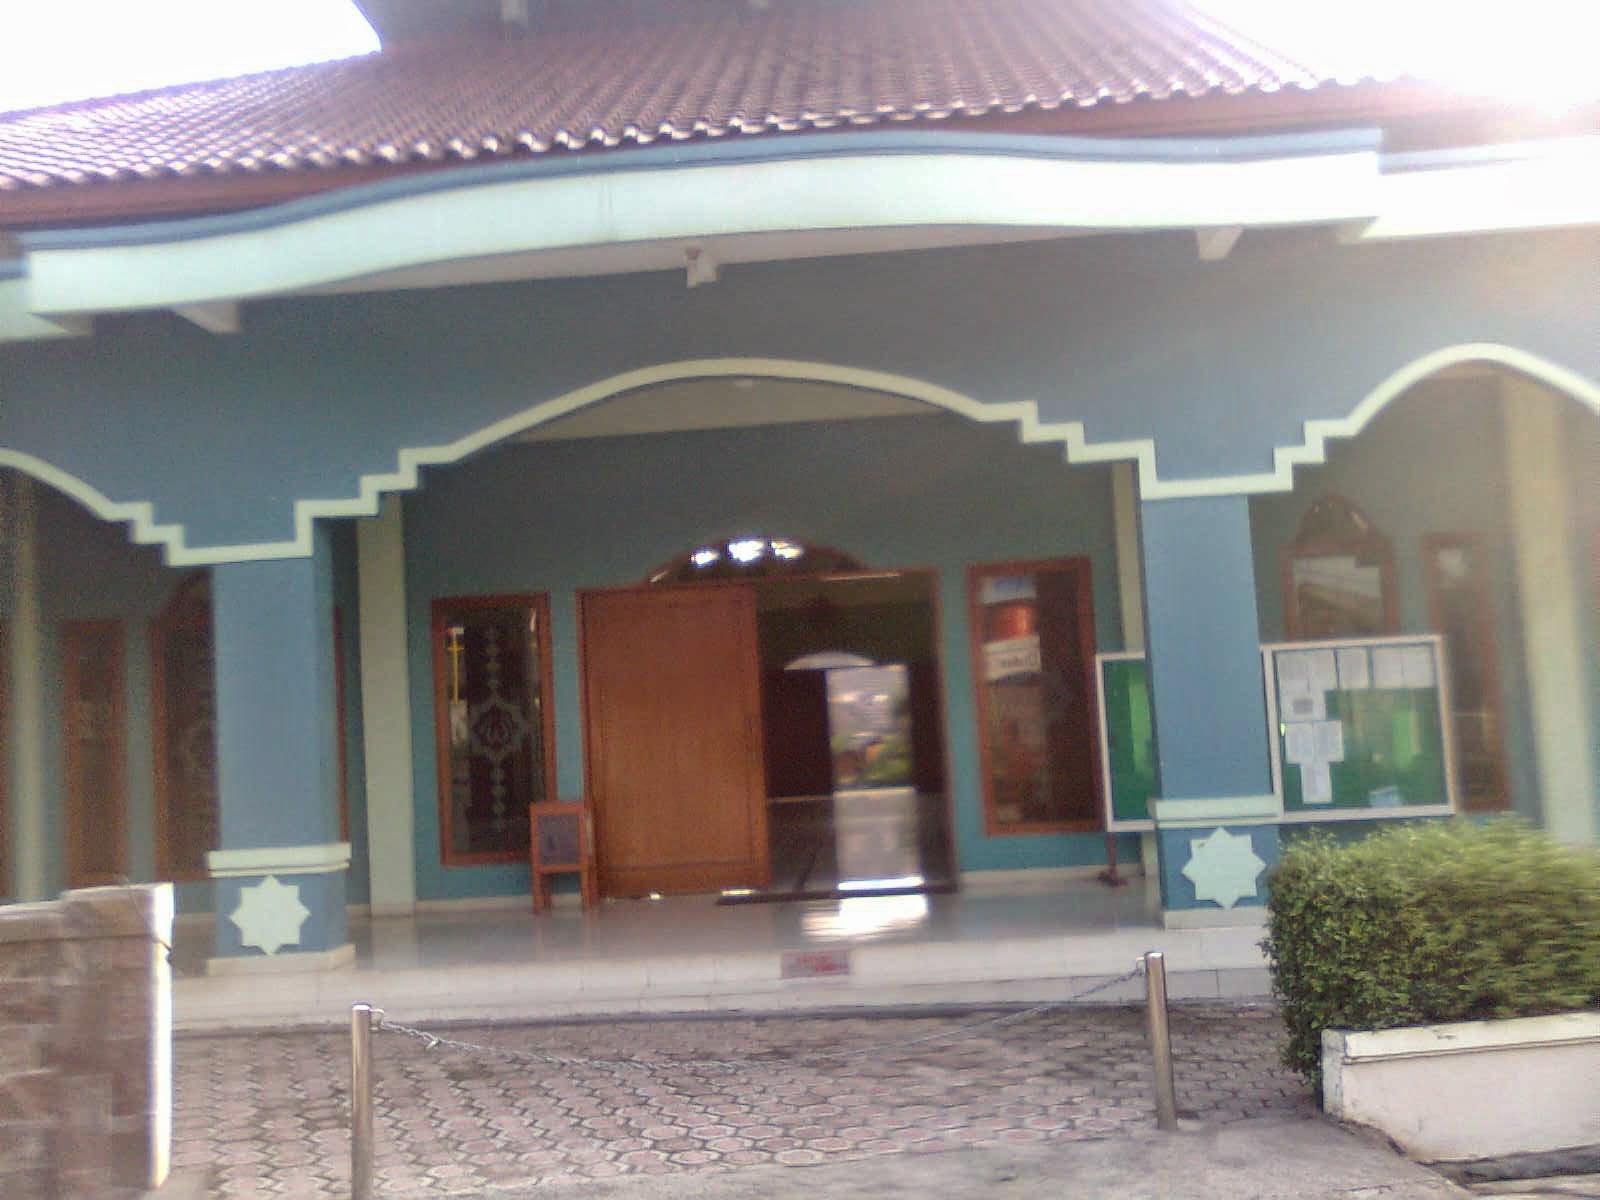 Tempat Peribadatan Di Bekasi Timur Masjid Di Bekasi Timur